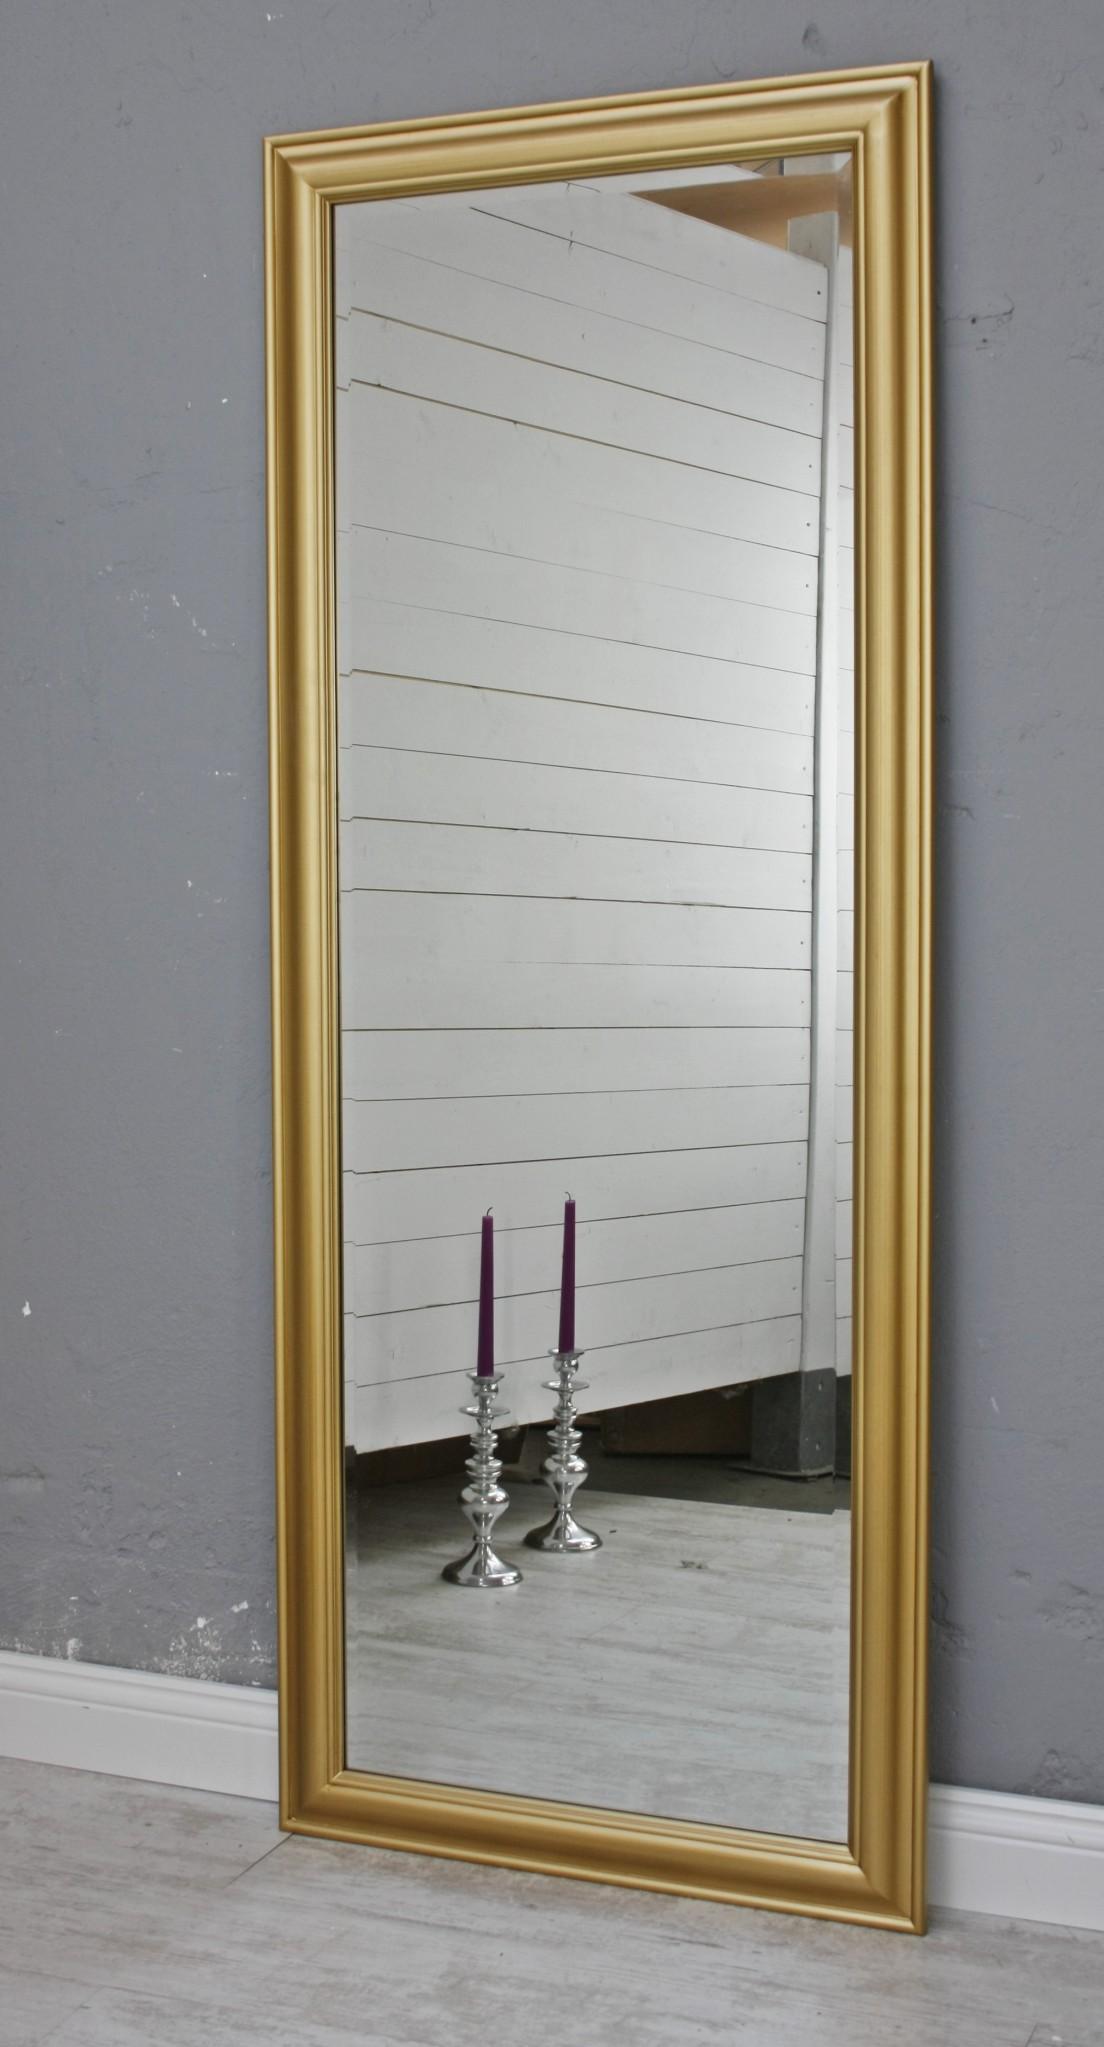 Spiegel 150 wandspiegel standspiegel gold holz landhaus holzrahmen badspiegel ebay - Badspiegel holzrahmen ...